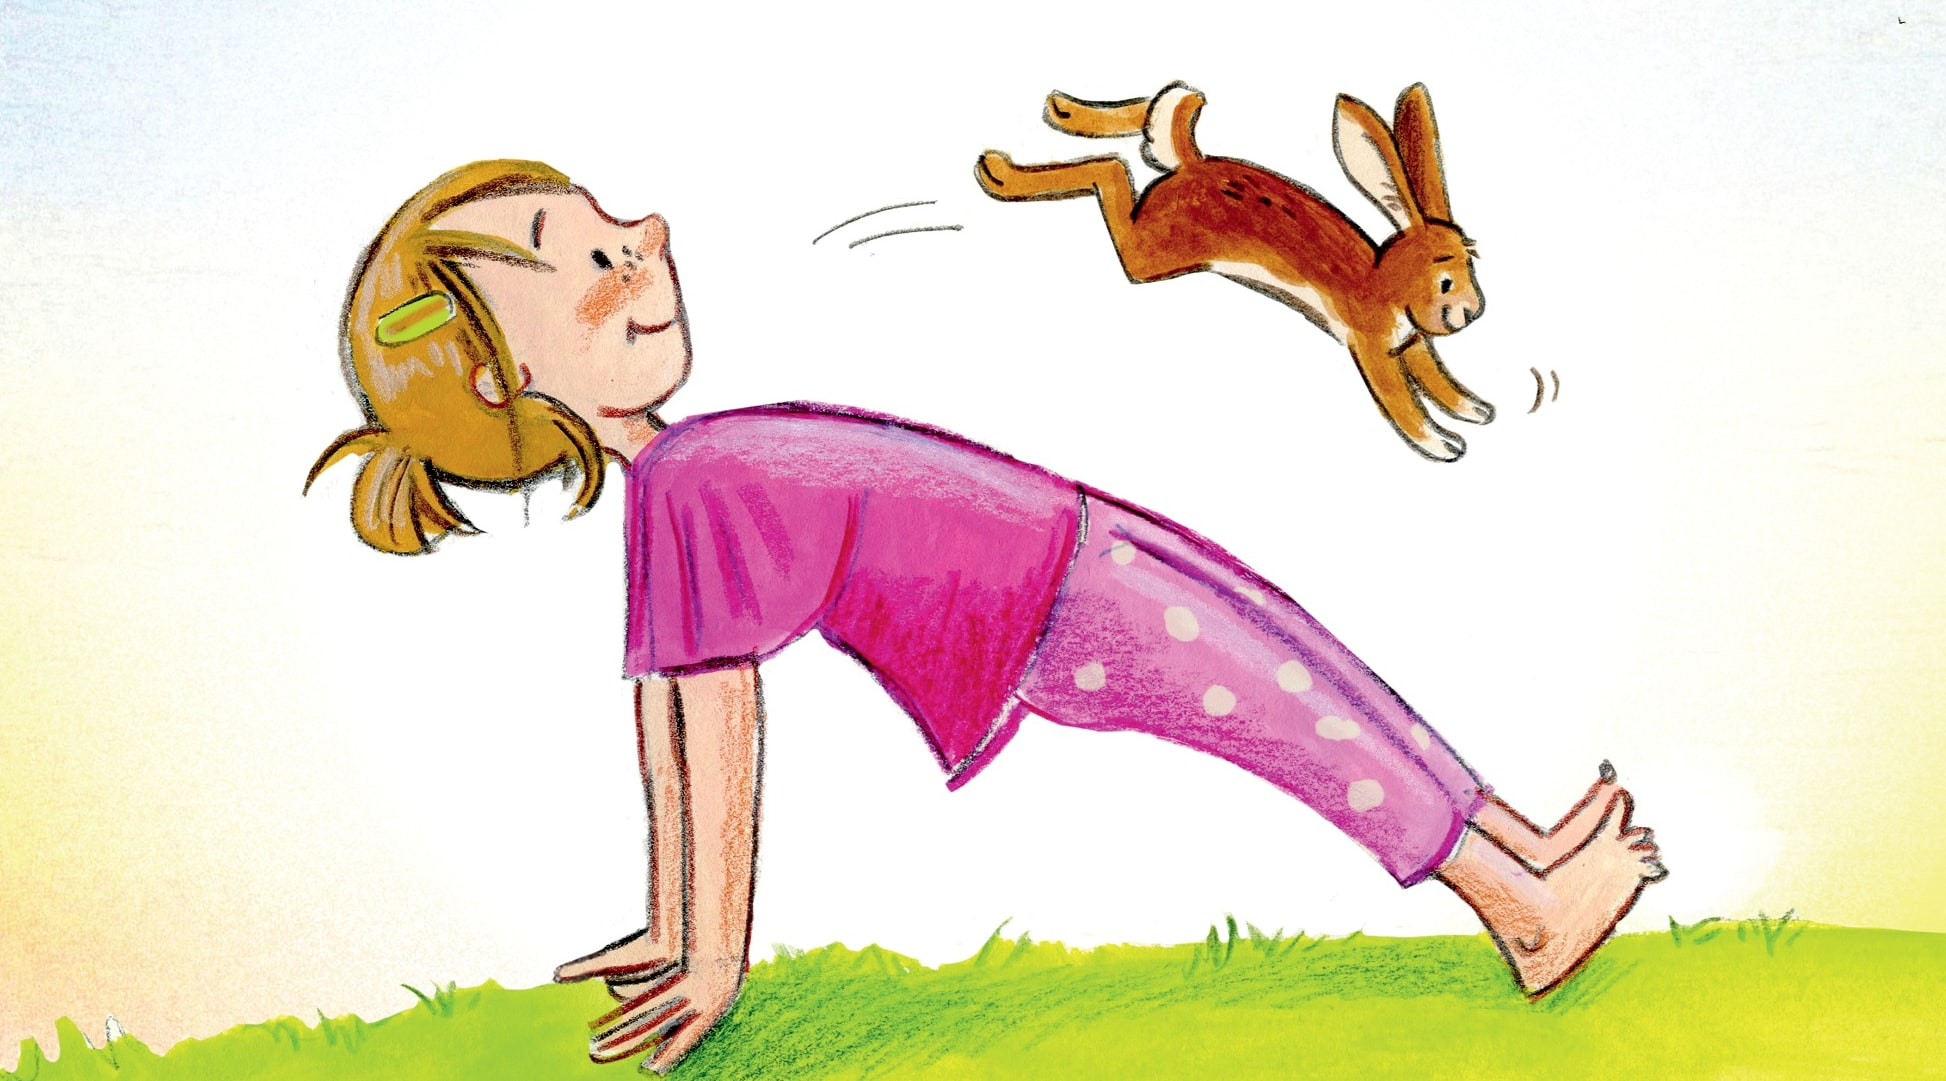 Kinderyoga: Wenn Sprache und Bewegung im Einklang sind, kann die Seele fliegen!